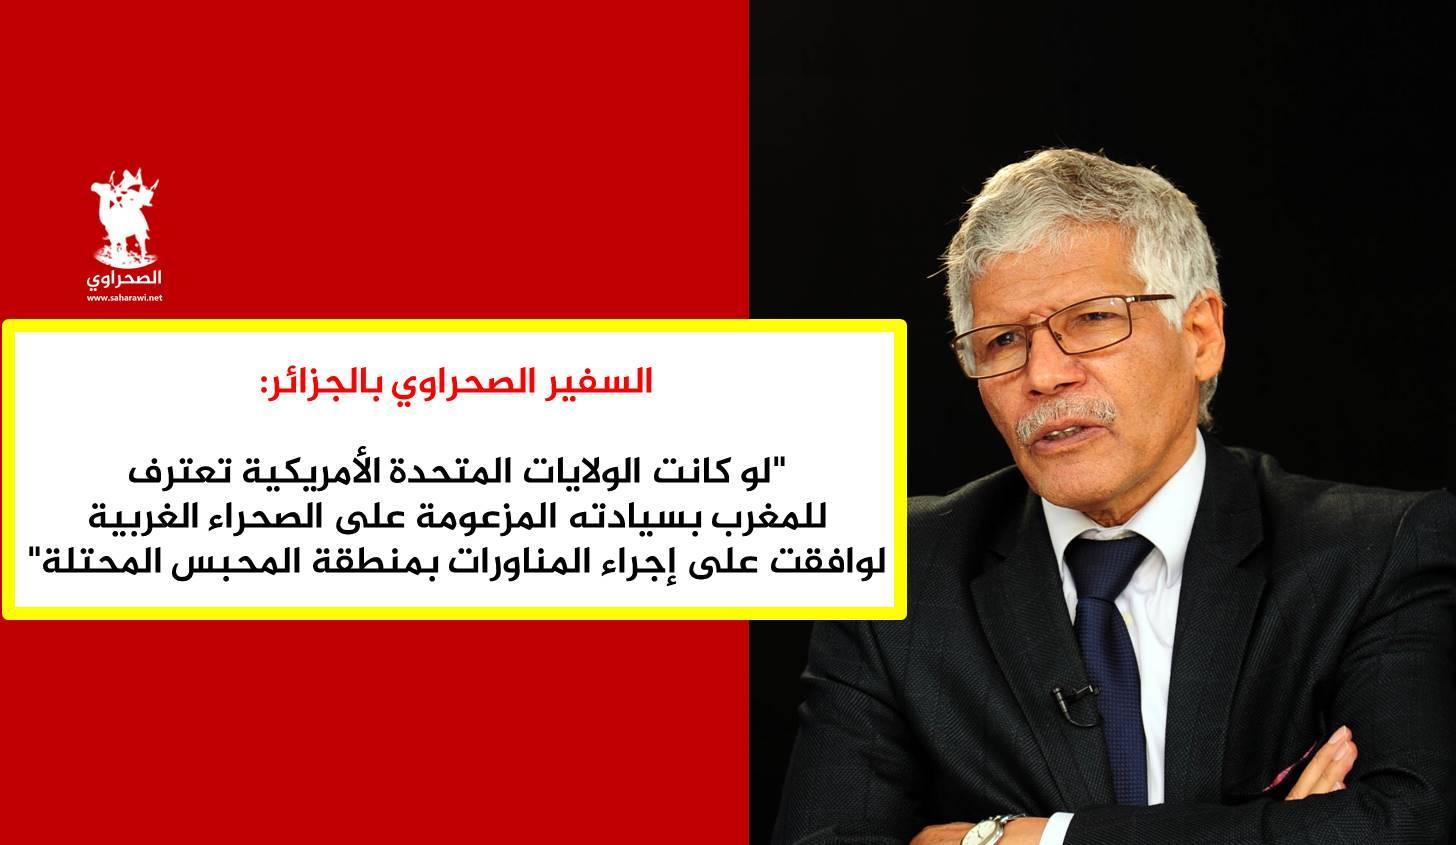 """عبد القادر الطالب عمر يؤكد أن استثناء الصحراء الغربية من مناورات """"أفريكوم"""" هو جواب واضح وملموس على إعلان ترامب"""